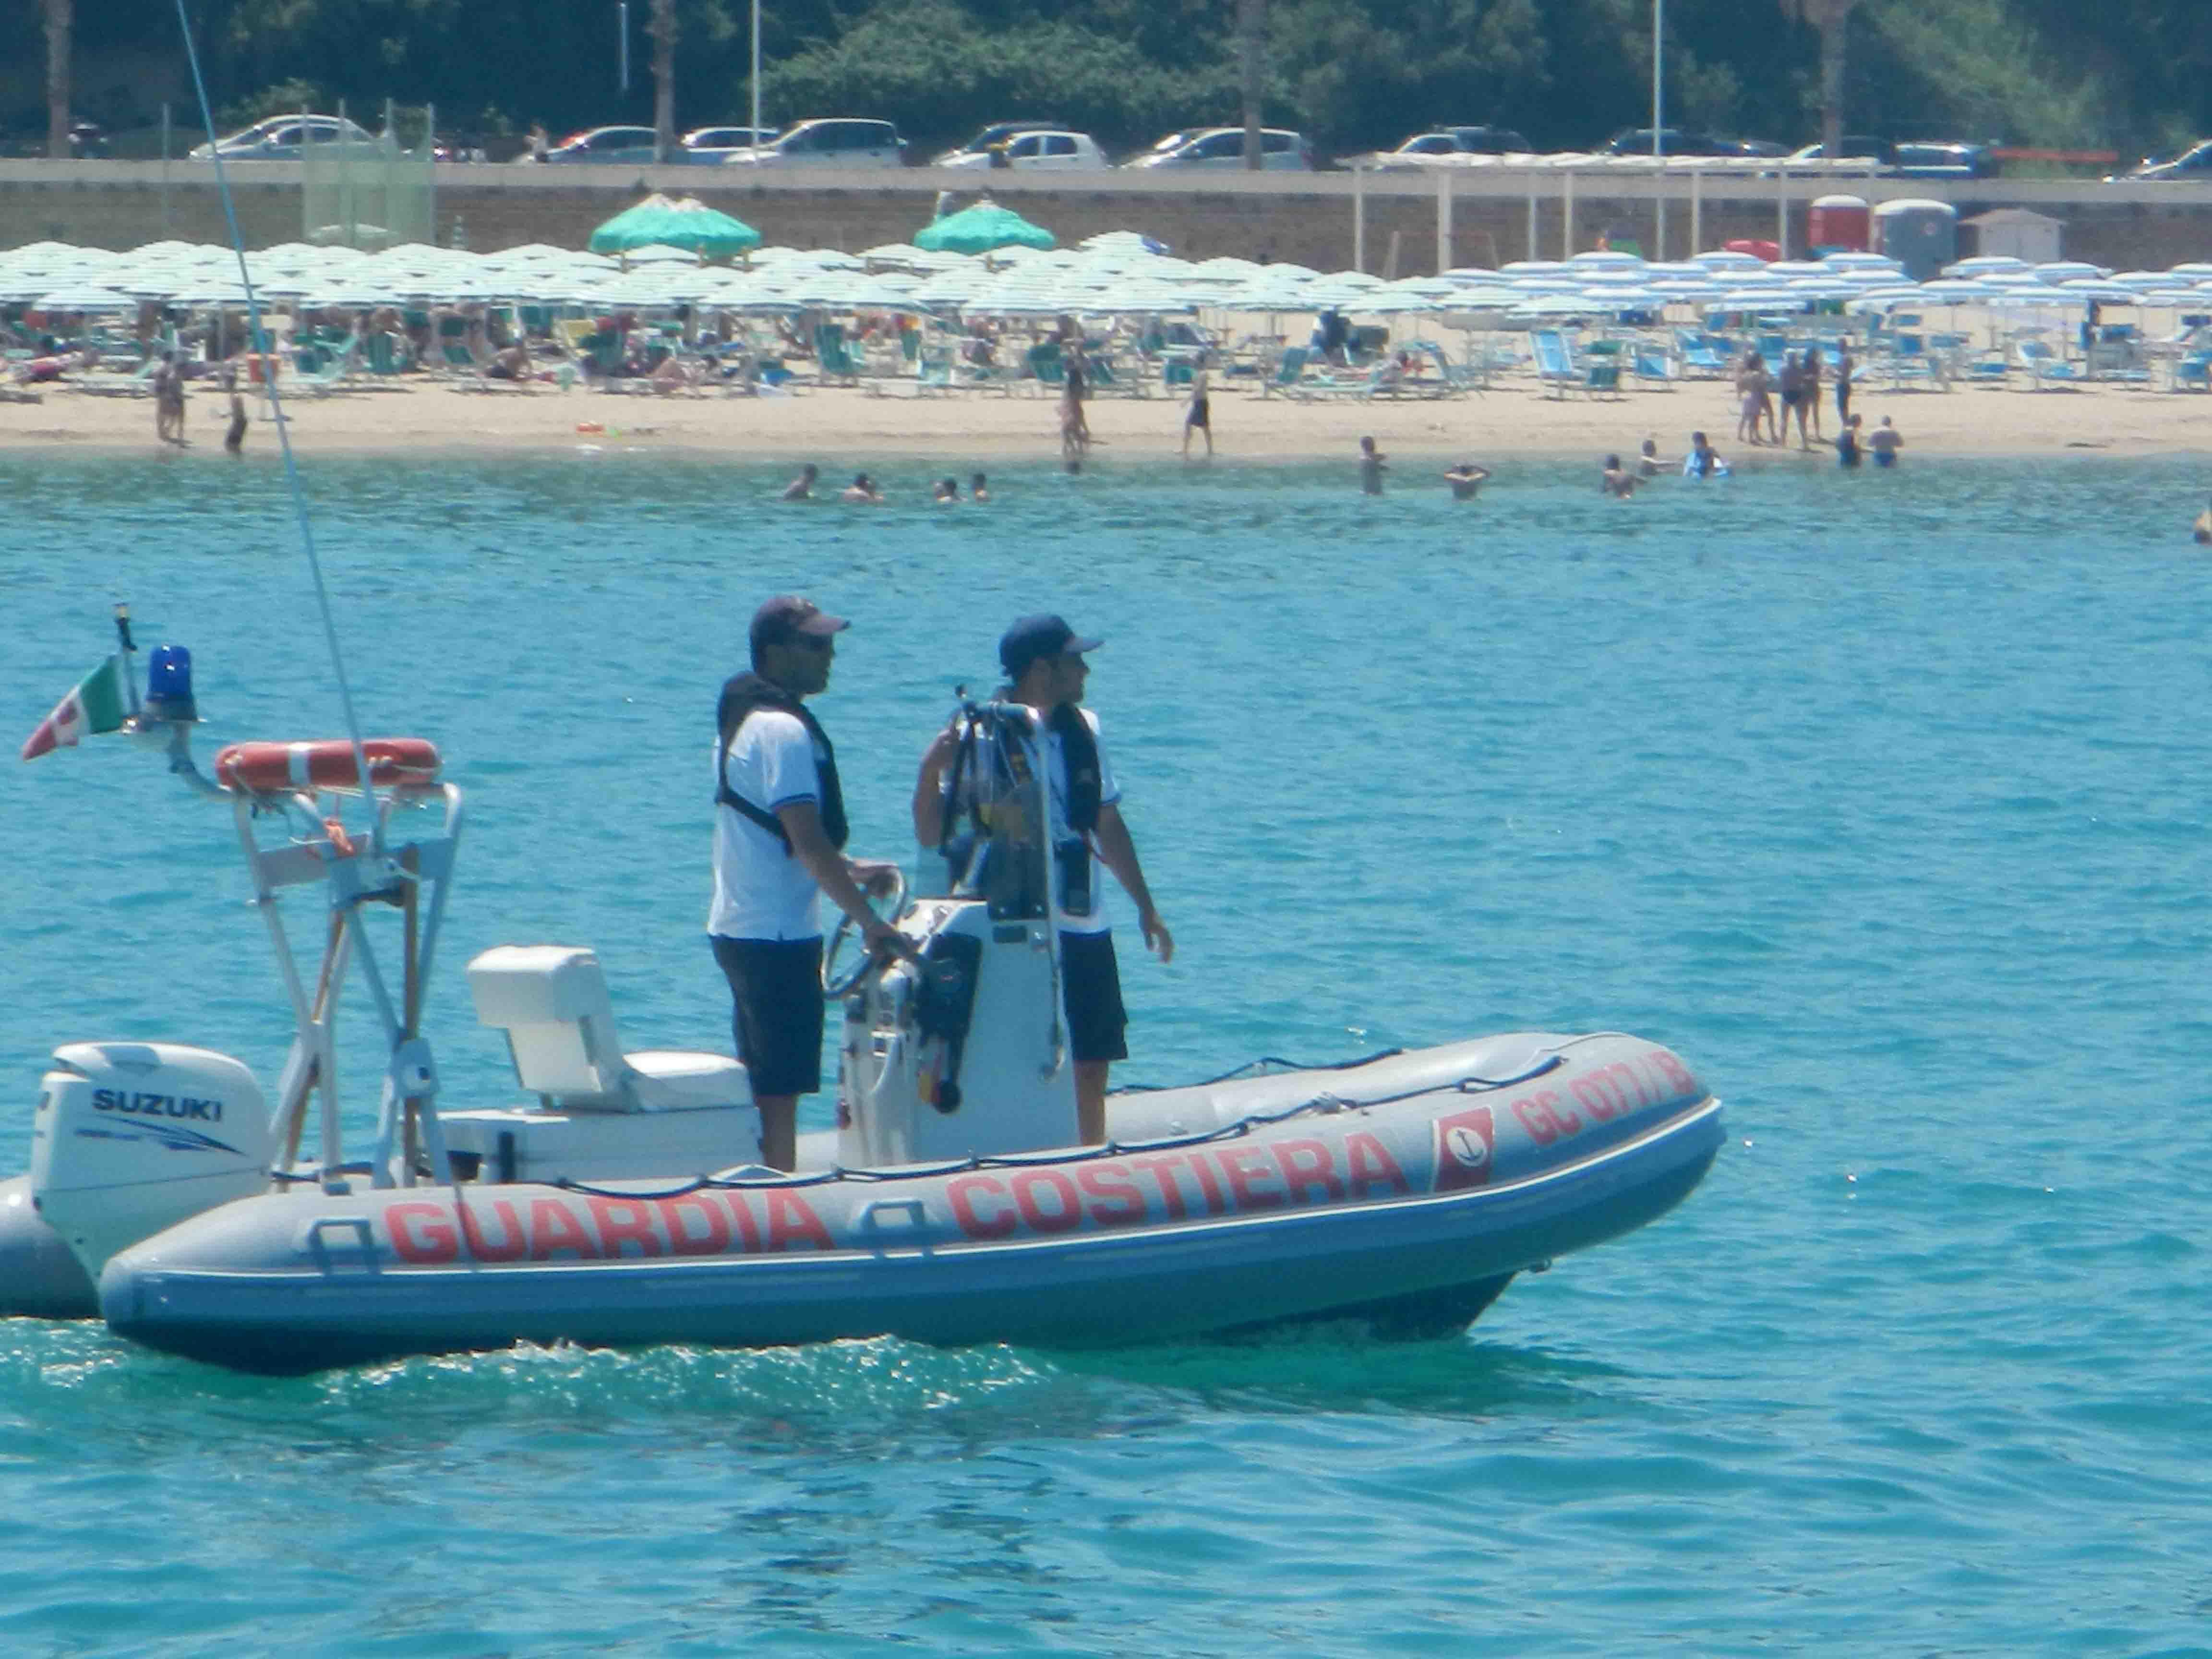 Operazione 'Mare sicuro 2018', l'impegno degli uomini della Guardia Costiera molisana